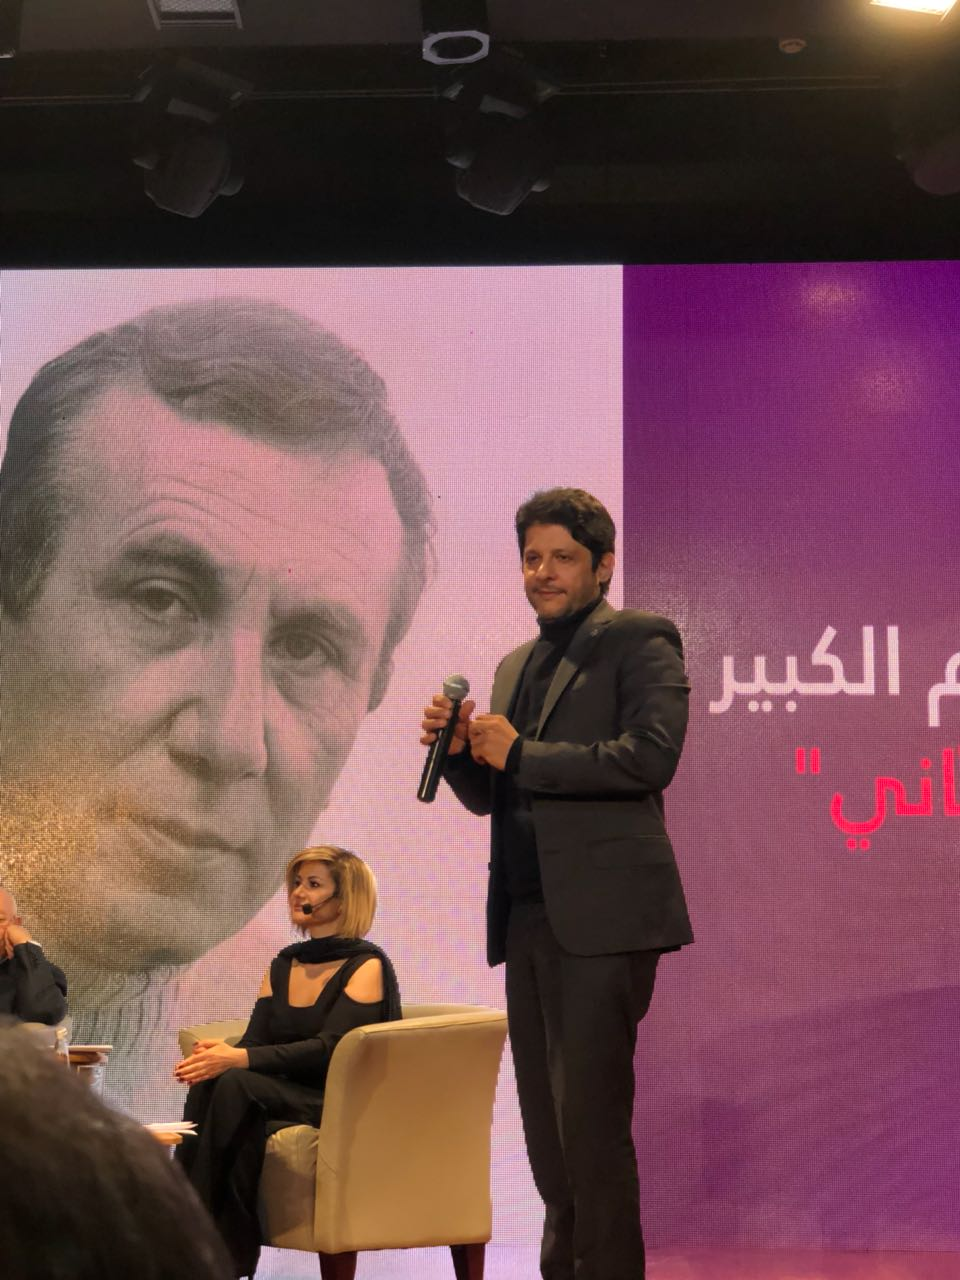 صورة طرابلس تكرم الراحل نزار قباني في مركز الصفدي الثقافي